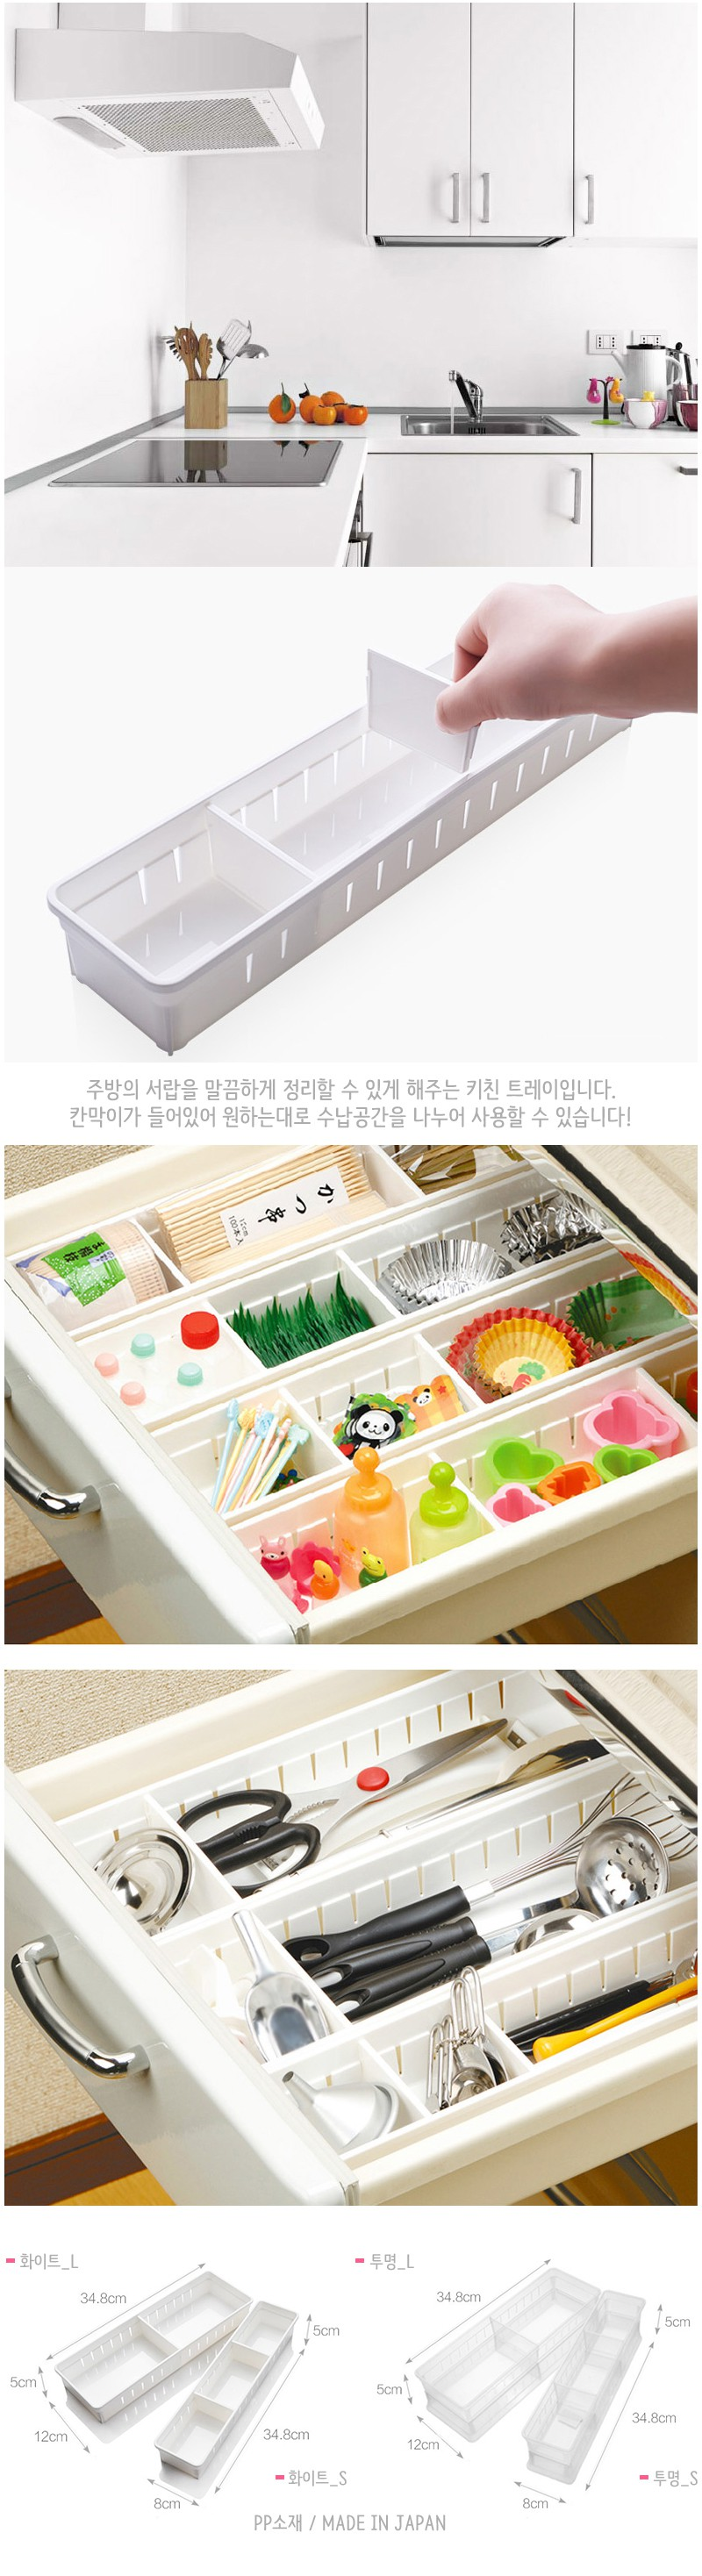 키친 트레이 - 실즈, 3,690원, 주방수납용품, 진열 보관대